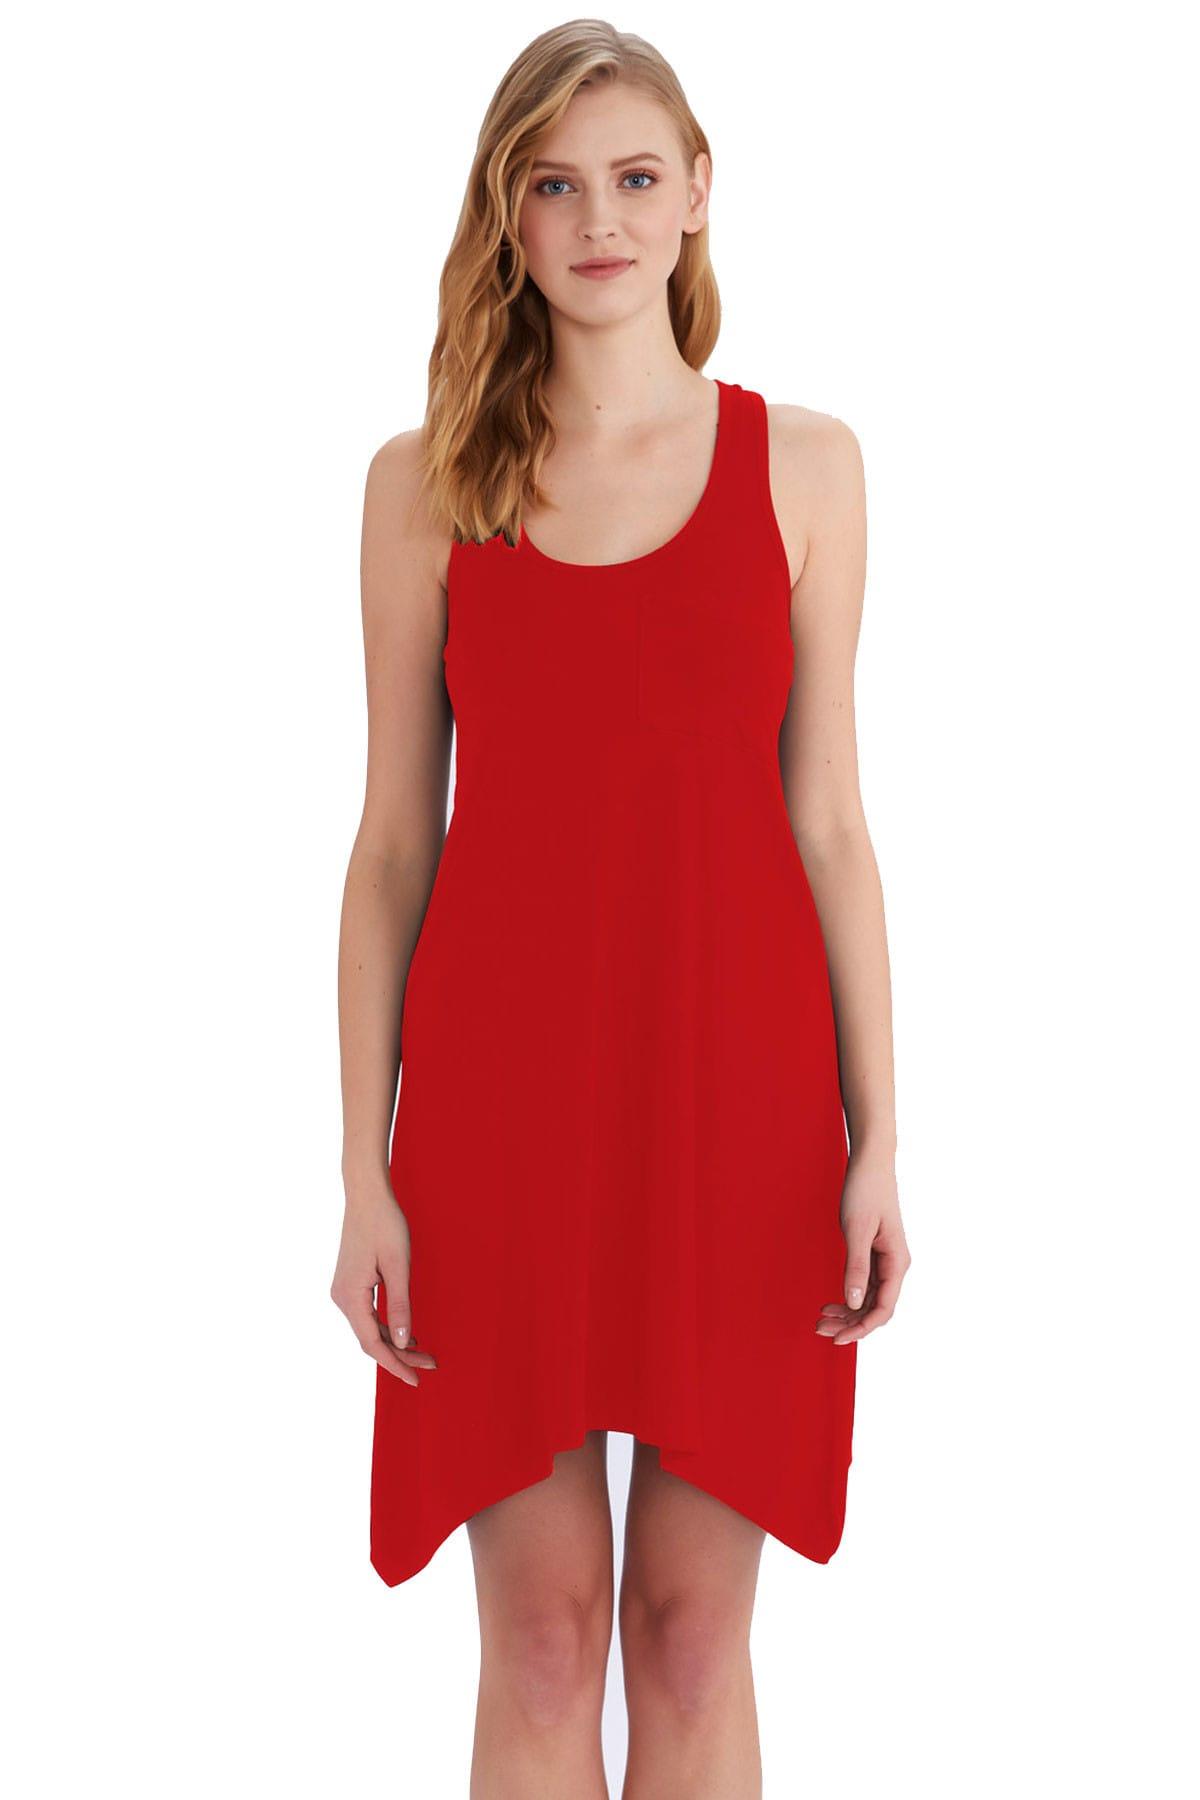 AYYILDIZ Kırmızı Kadın Elbise 59344 1